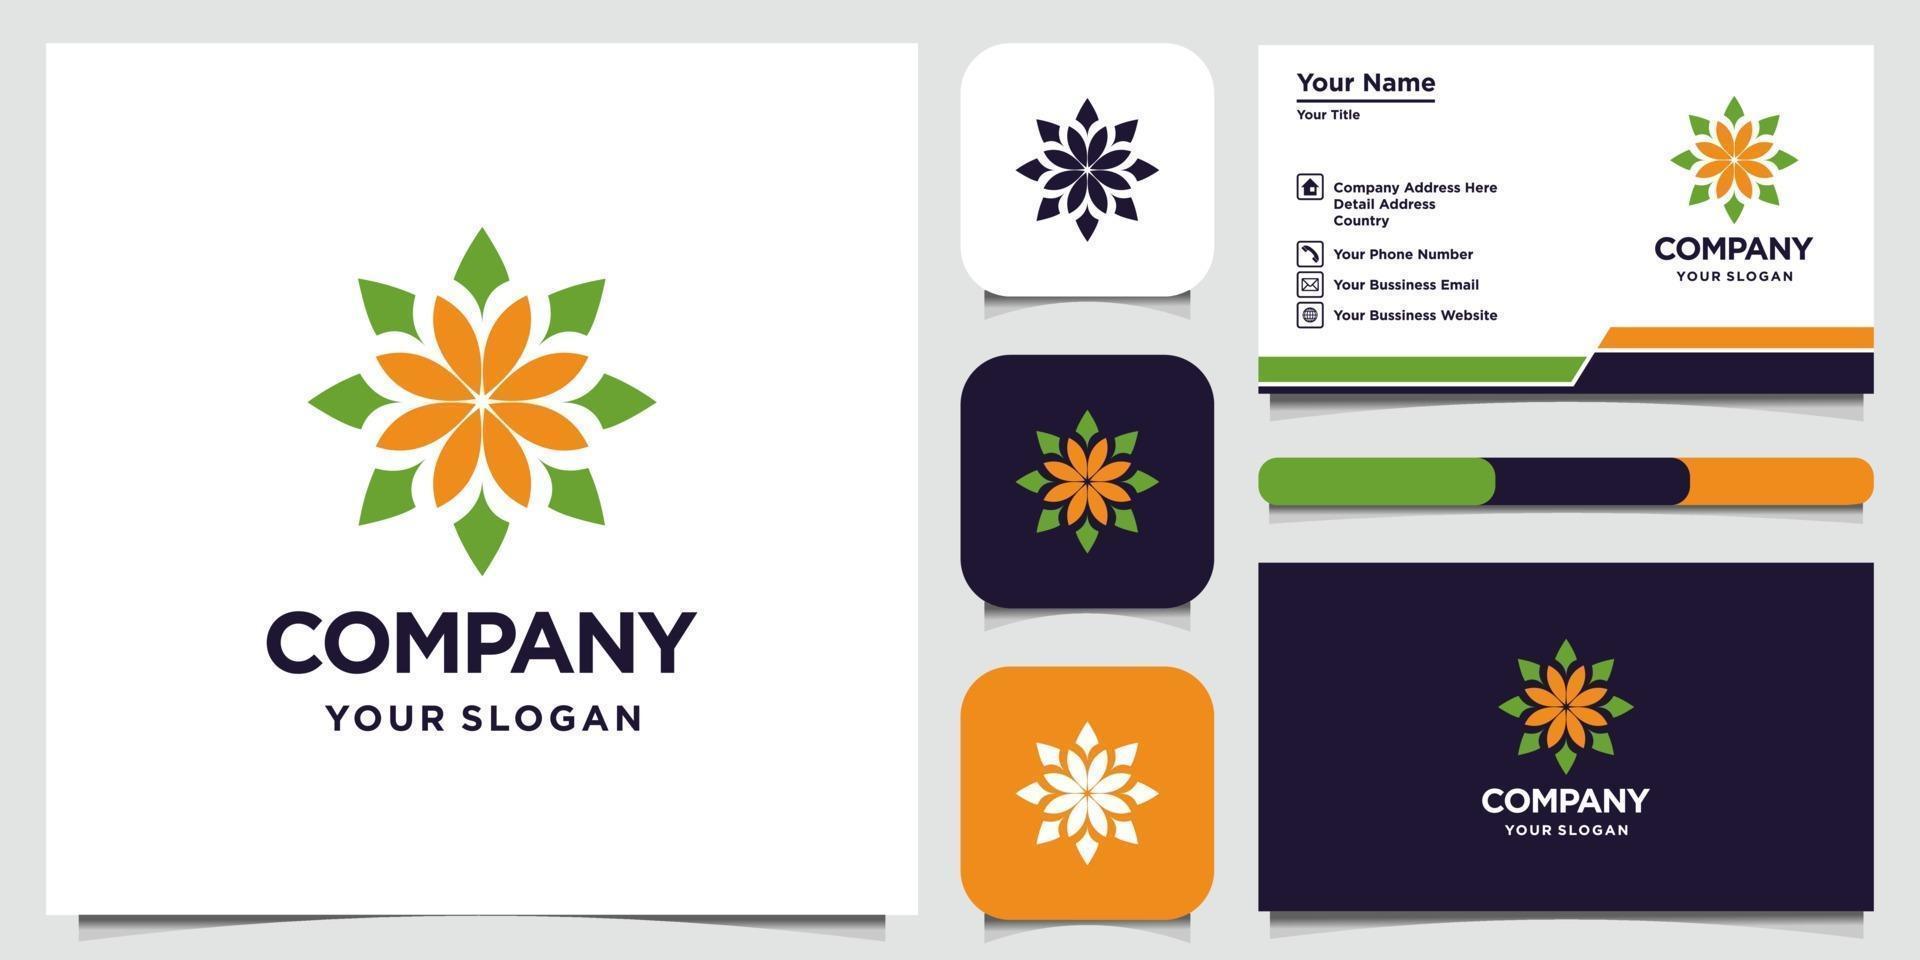 abstract bloemlogo-ontwerp met lijntekeningen stijllogo en visitekaartje vector